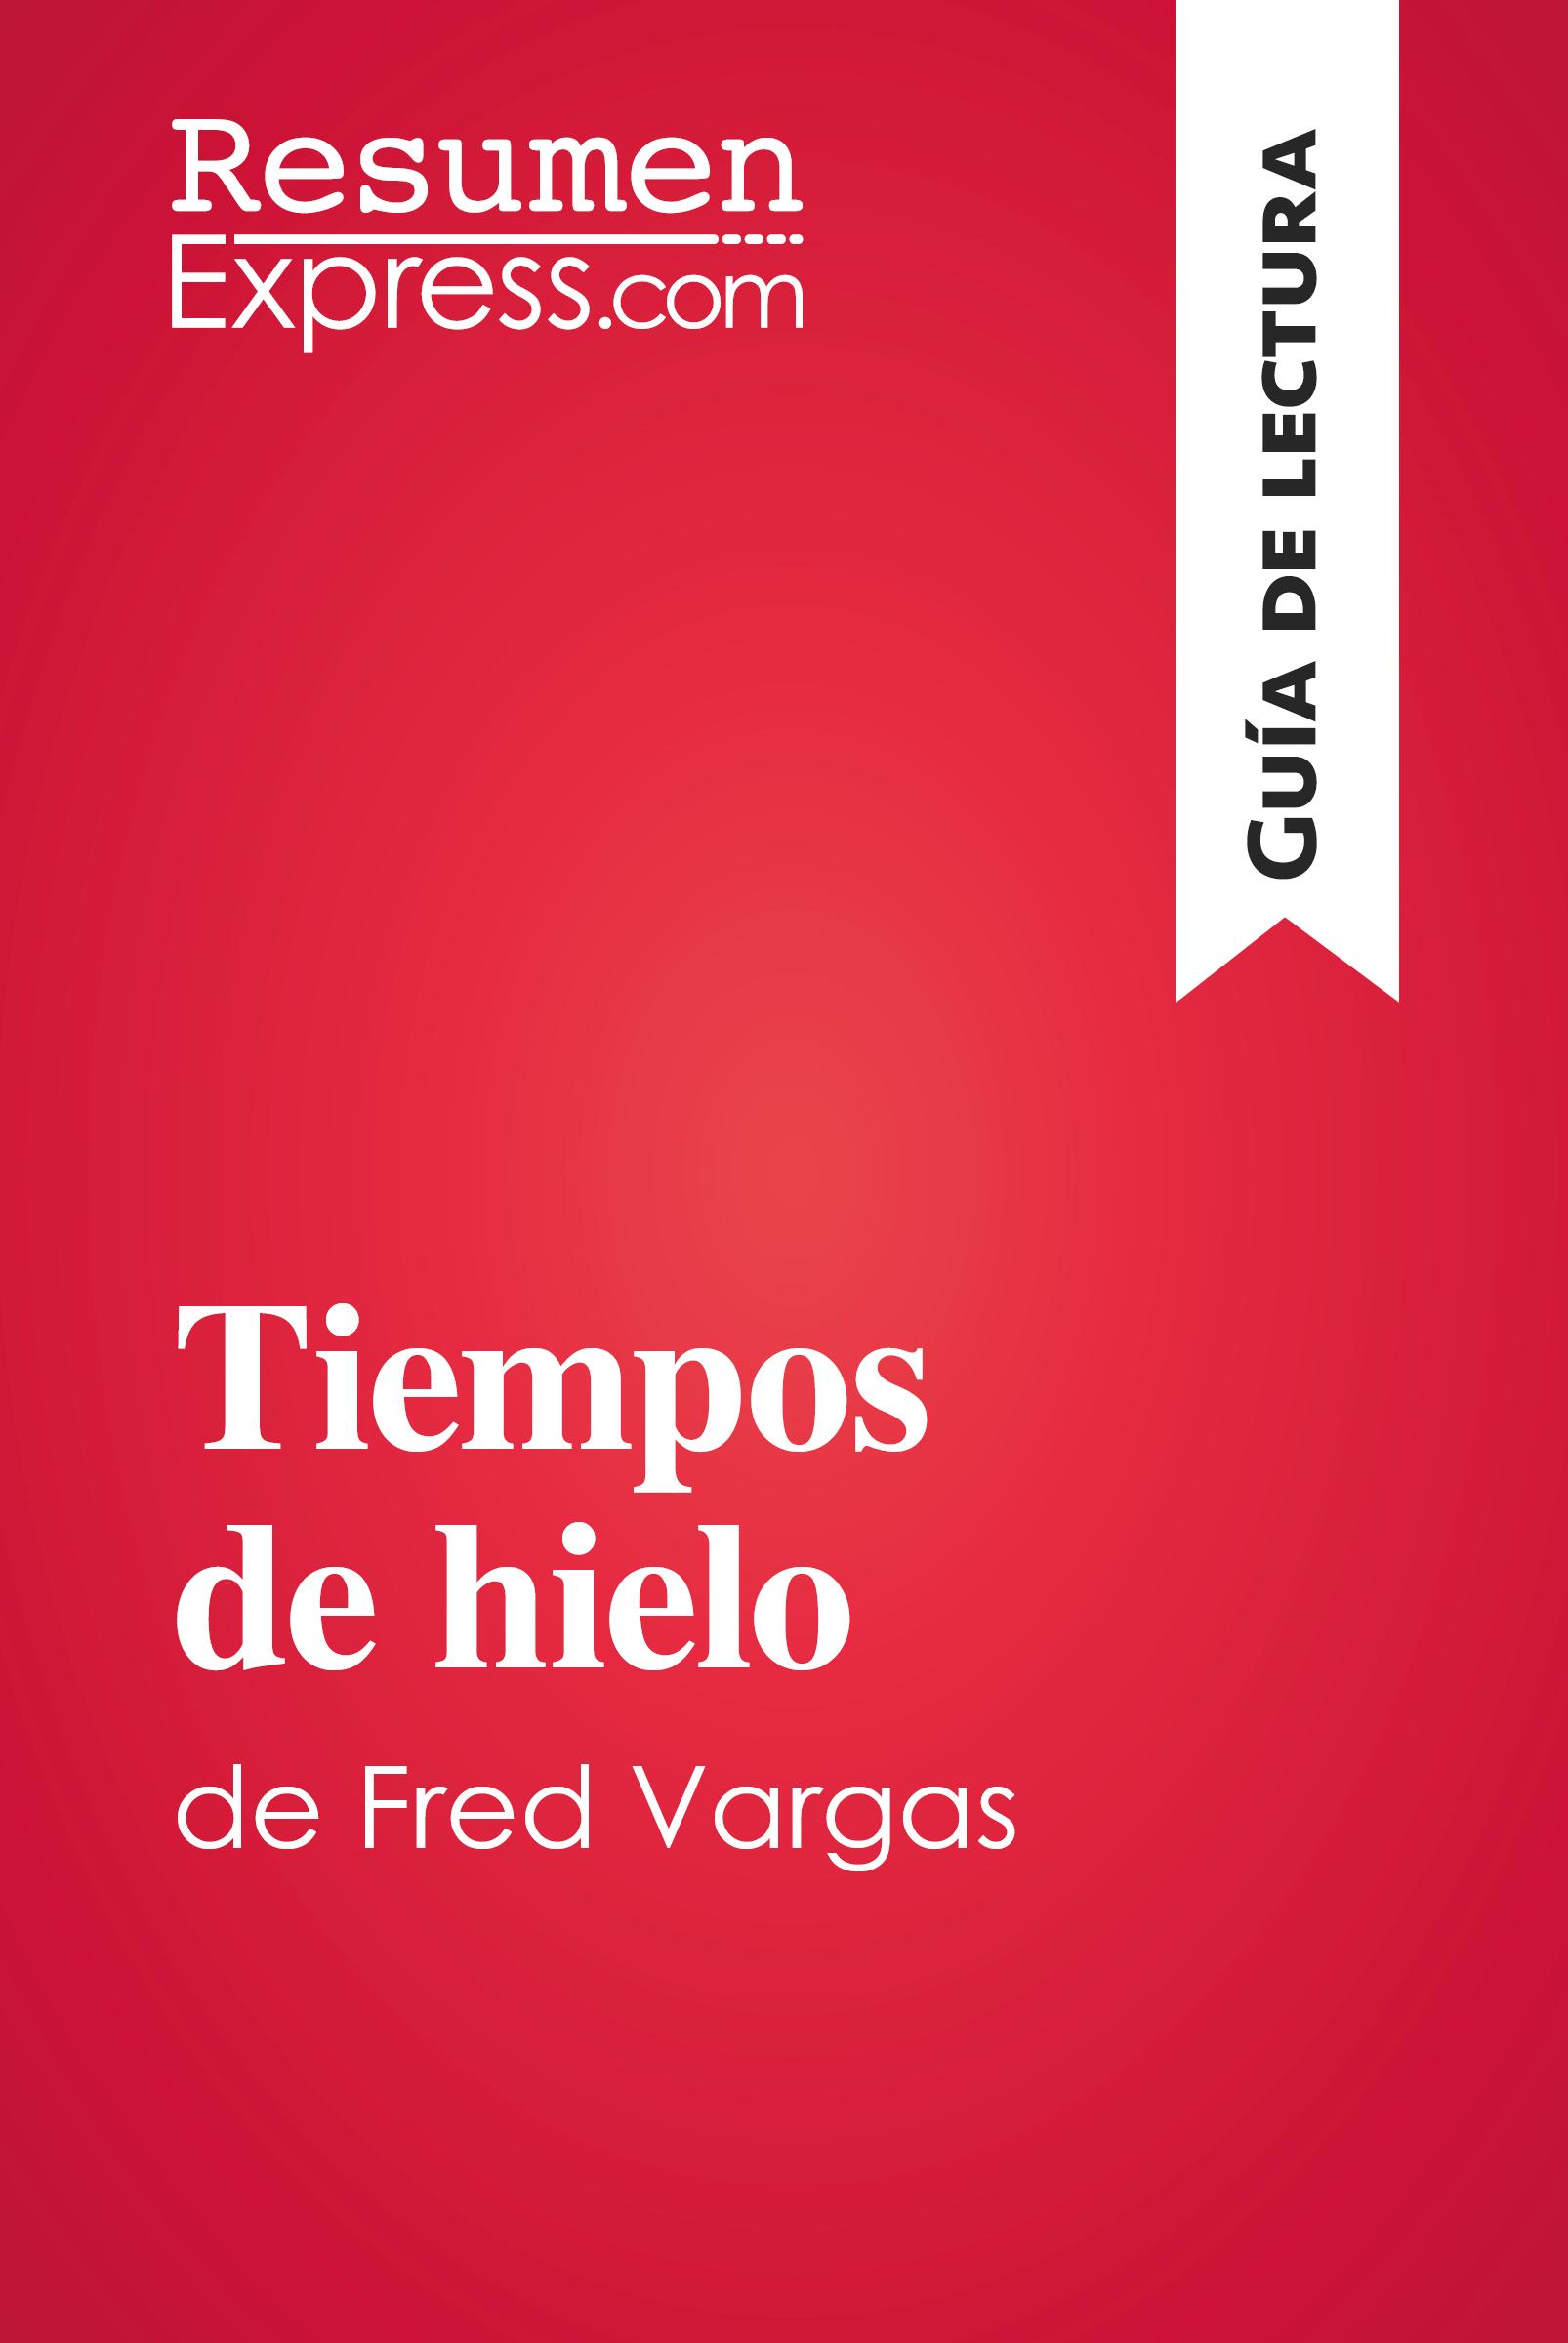 Tiempos de hielo de Fred Vargas (Guía de lectura)